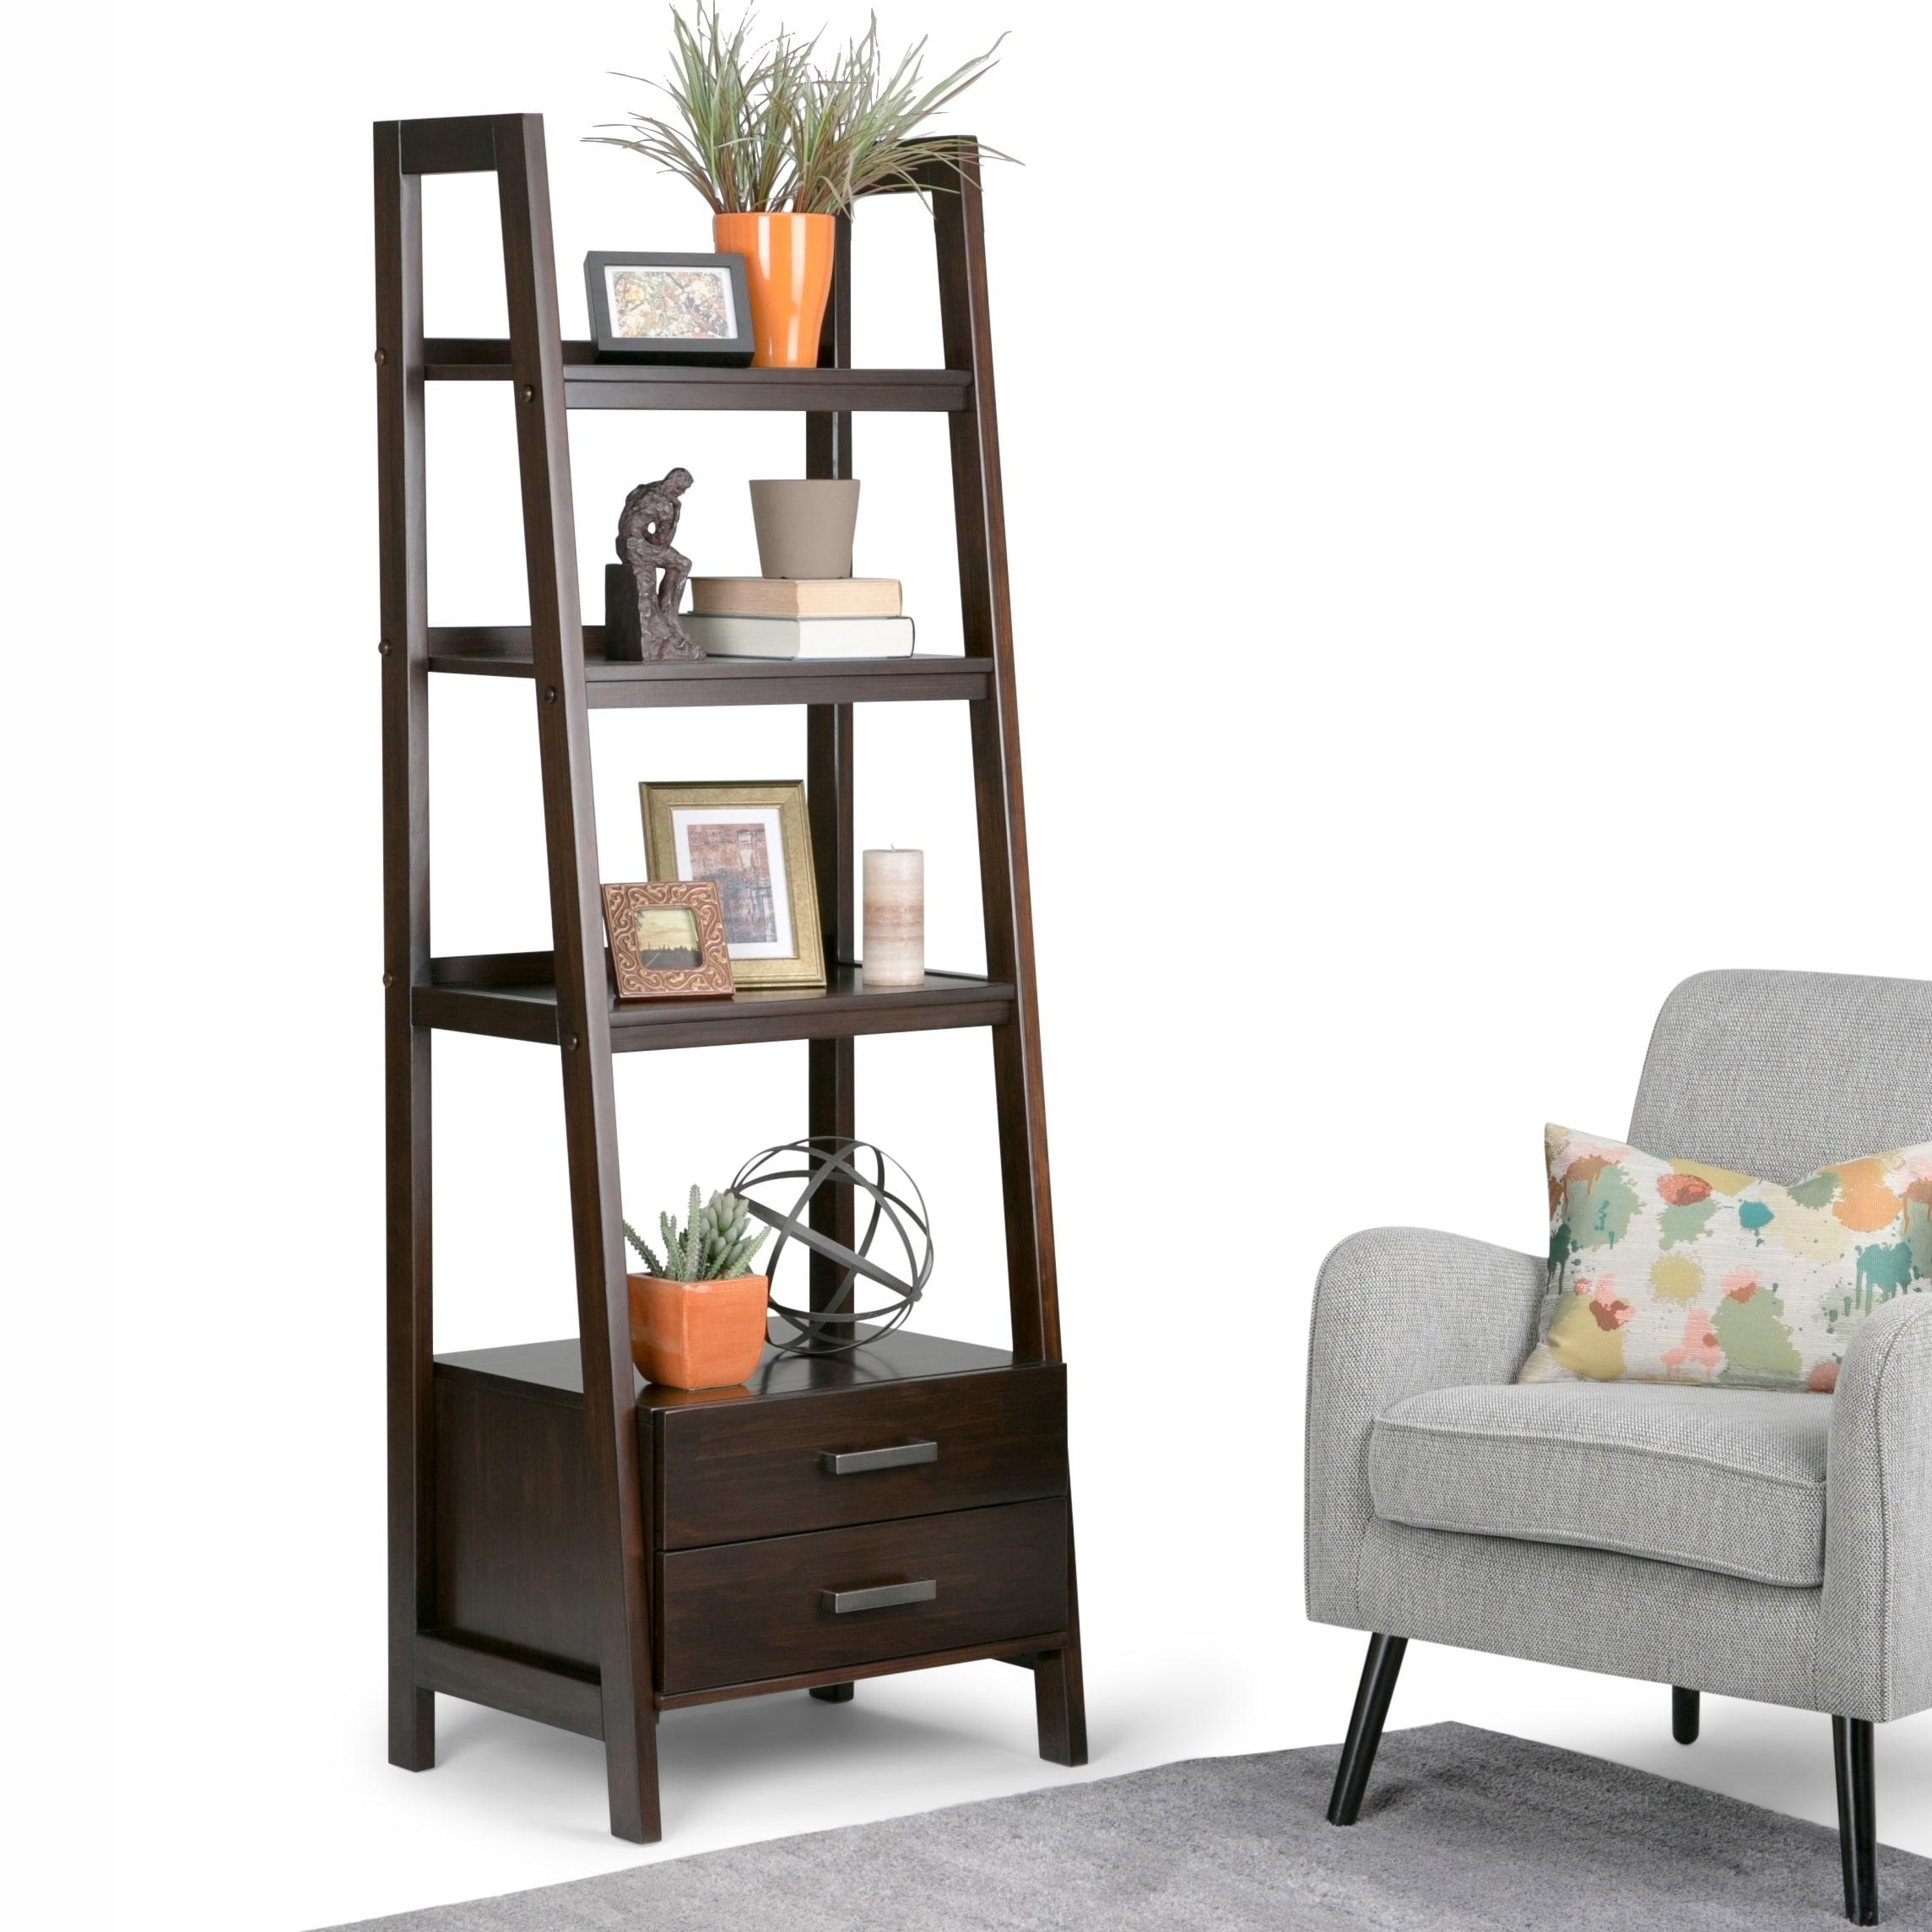 Wyndenhall Hawkins Solid Wood 72 Inch X 24 Inch Modern Industrial Ladder Shelf With Storage 24 W X 20 D X 72 H